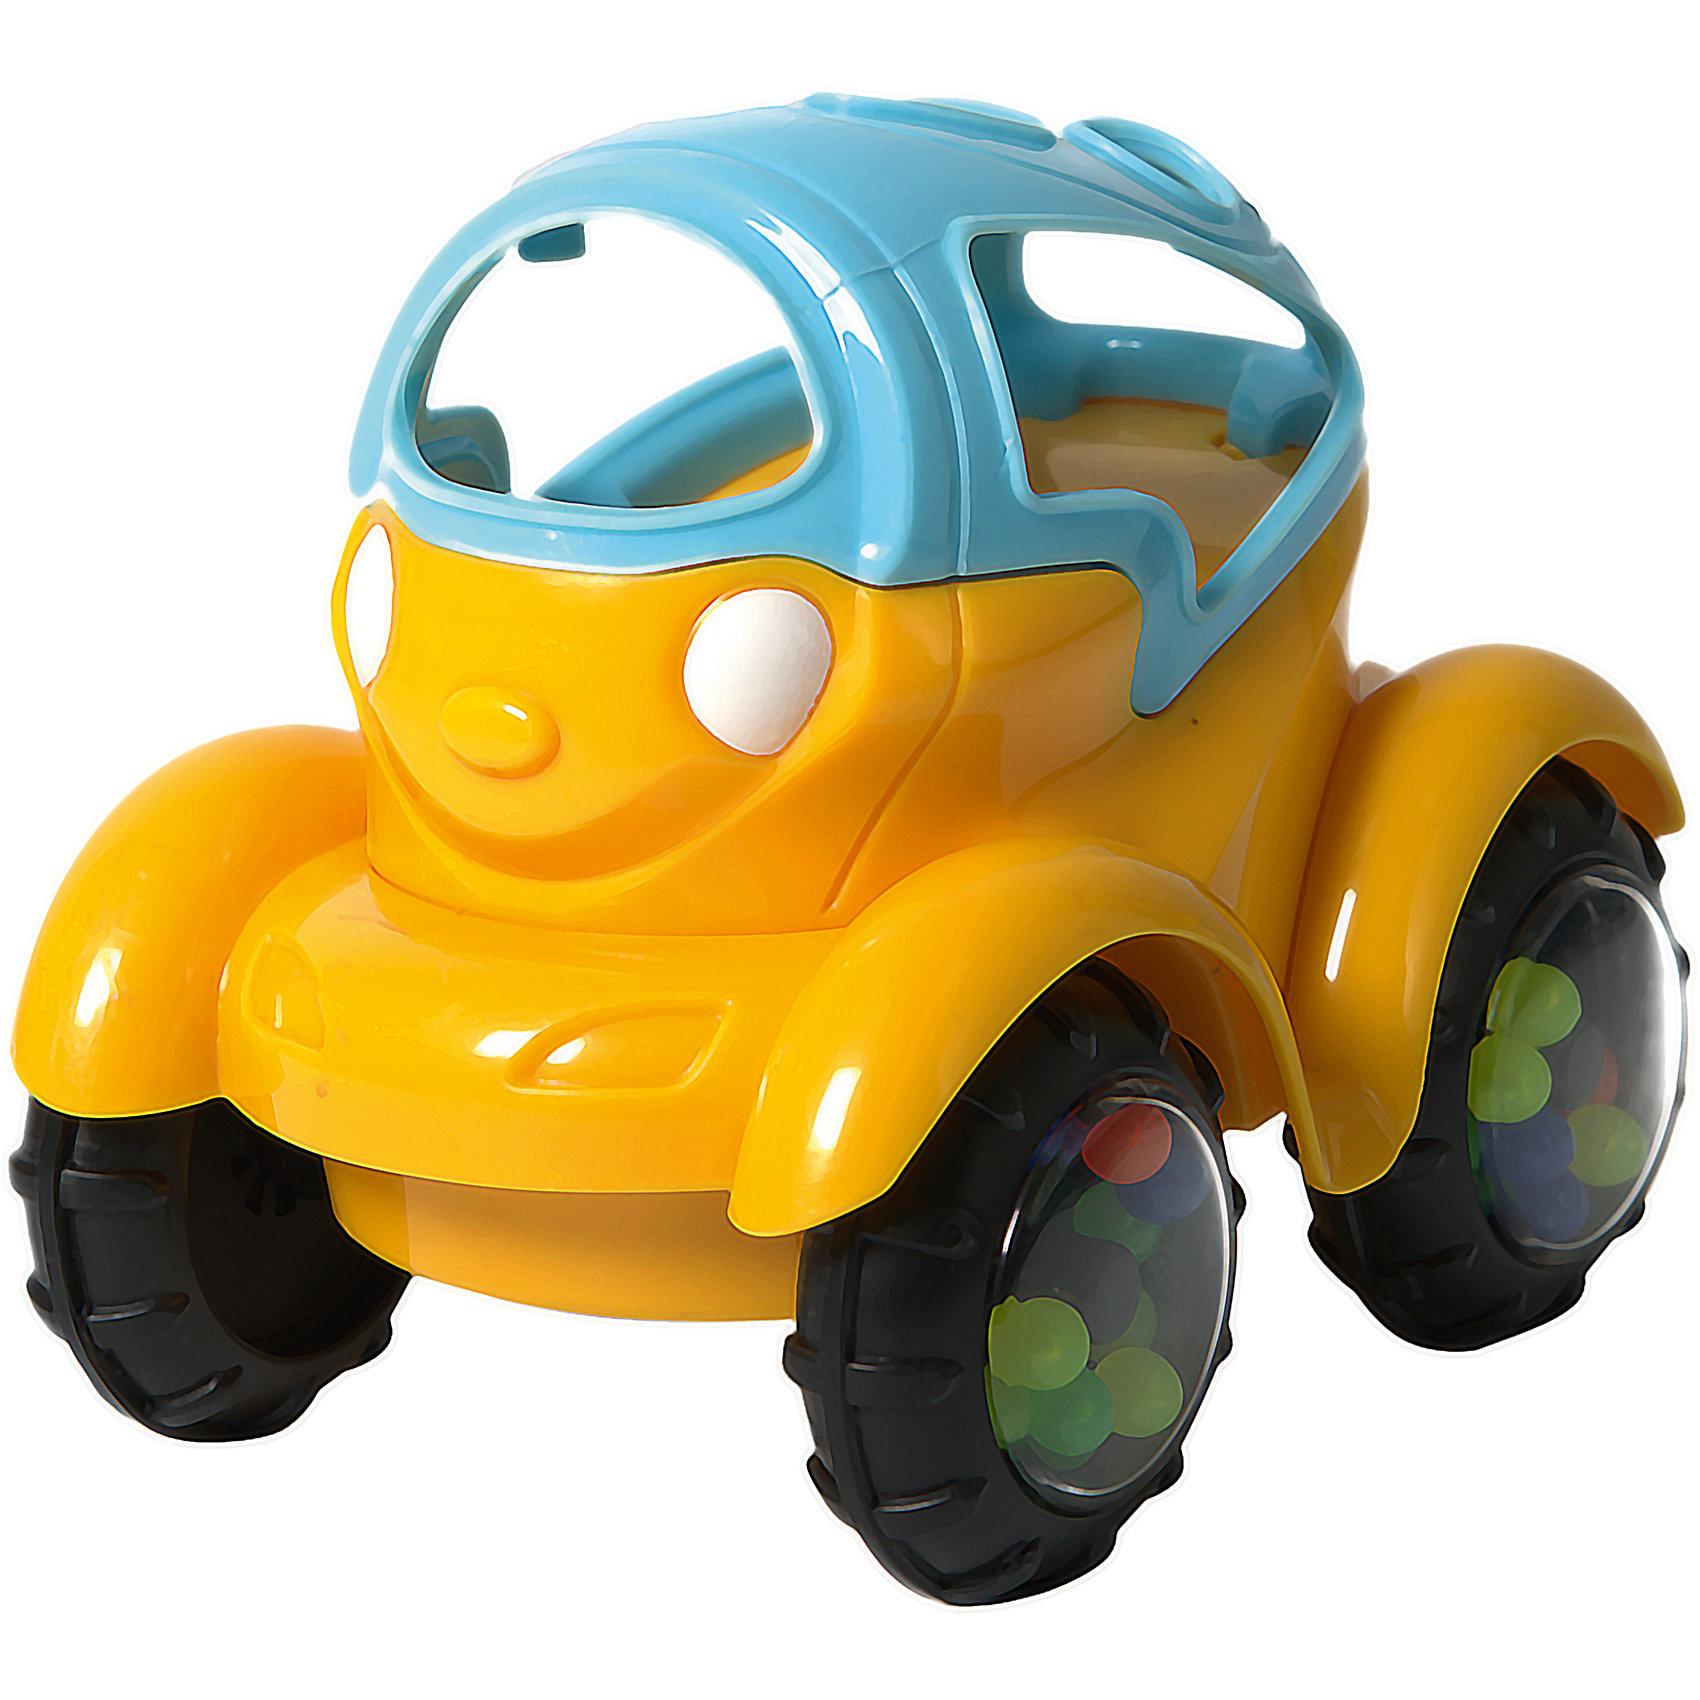 Машинка-неразбивайка Baby Trend, сине-желтаяМашинки и транспорт для малышей<br>Характеристики:<br><br>• возраст: от 3 месяцев<br>• машинка-погремушка<br>• материал: мягкий гибкий пластик<br>• размер игрушки: 10х11,5х8 см.<br>• размер упаковки: 18х11,5х8 см<br>• вес: 153 гр.<br><br>Яркая машинка-неразбивайка от Baby Trend (Беби Тренд) – это первая машина малыша. Она изготовлена из мягкого гибкого высококачественного пластика. Машинка не имеет острых и опасных выступов. Благодаря уникальной форме ее удобно держать маленькими пальчиками.<br><br>В колесах машинки под прозрачными дисками находятся цветные шарики, которые задорно гремят при движении машинки или при встряхивании игрушки. Мягкие рельефные детали крыши можно кусать, они успокоят нежные десна малыша.<br><br>Машинку-неразбивайку, сине-желтую, Baby Trend (Беби Тренд) можно купить в нашем интернет-магазине.<br><br>Ширина мм: 114<br>Глубина мм: 97<br>Высота мм: 87<br>Вес г: 153<br>Возраст от месяцев: 3<br>Возраст до месяцев: 2147483647<br>Пол: Унисекс<br>Возраст: Детский<br>SKU: 6872163